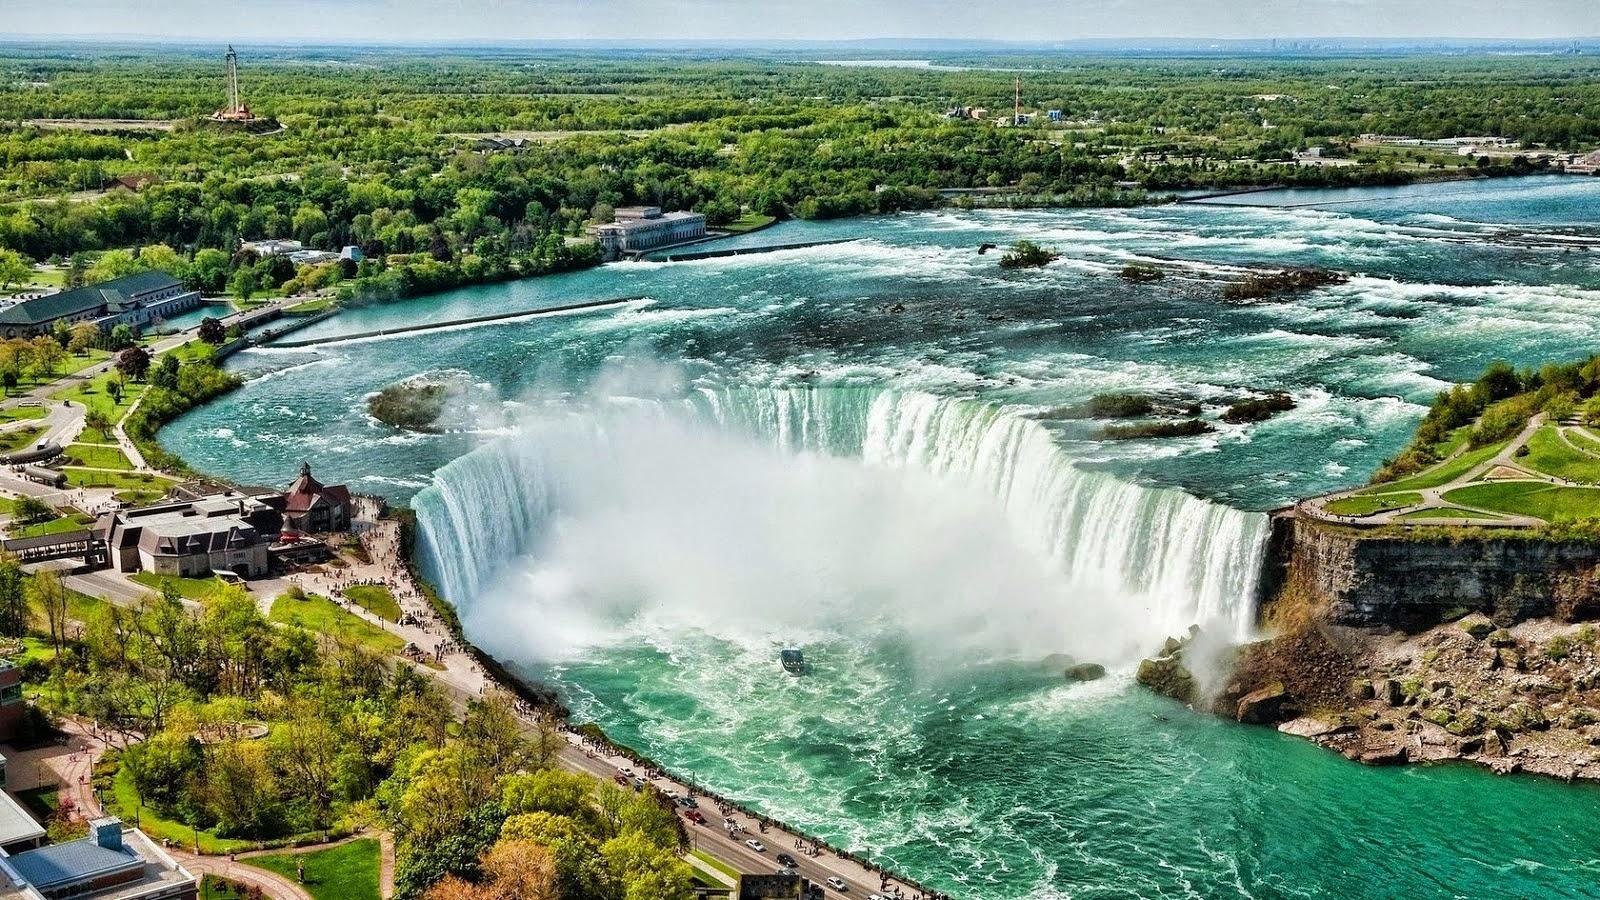 The Beautiful Of Niagara Waterfalls Waterfall Wallpaper Waterfall Niagara Waterfall